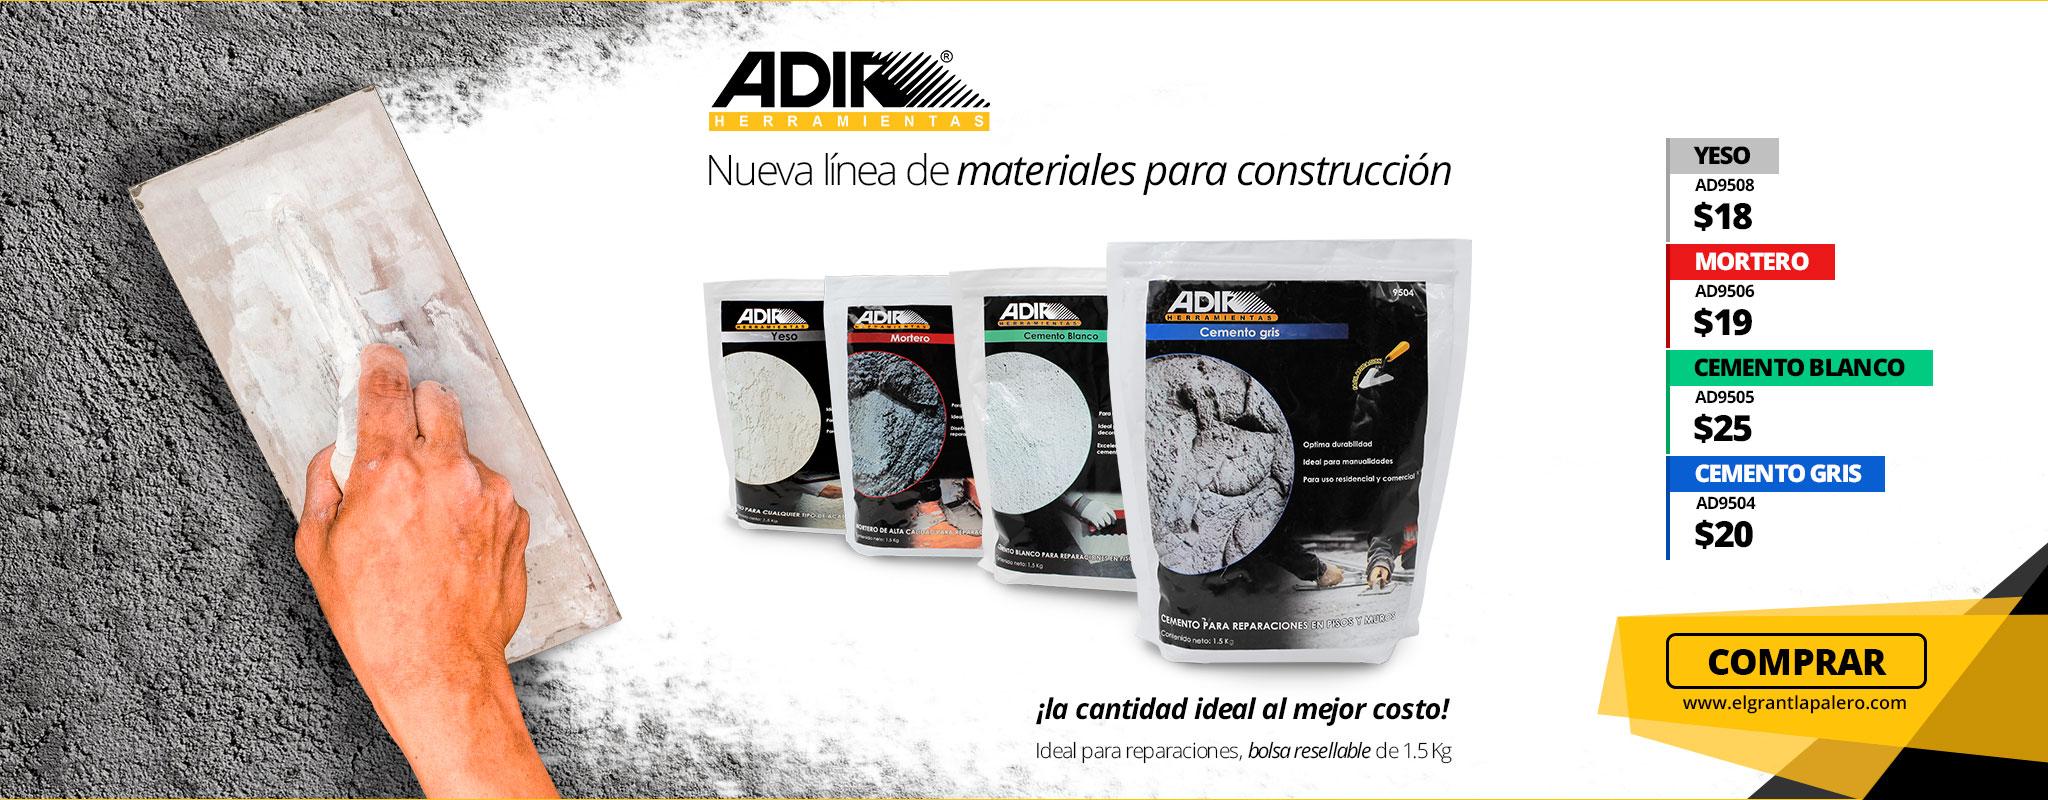 Nueva línea de materiales para la construcción Adir